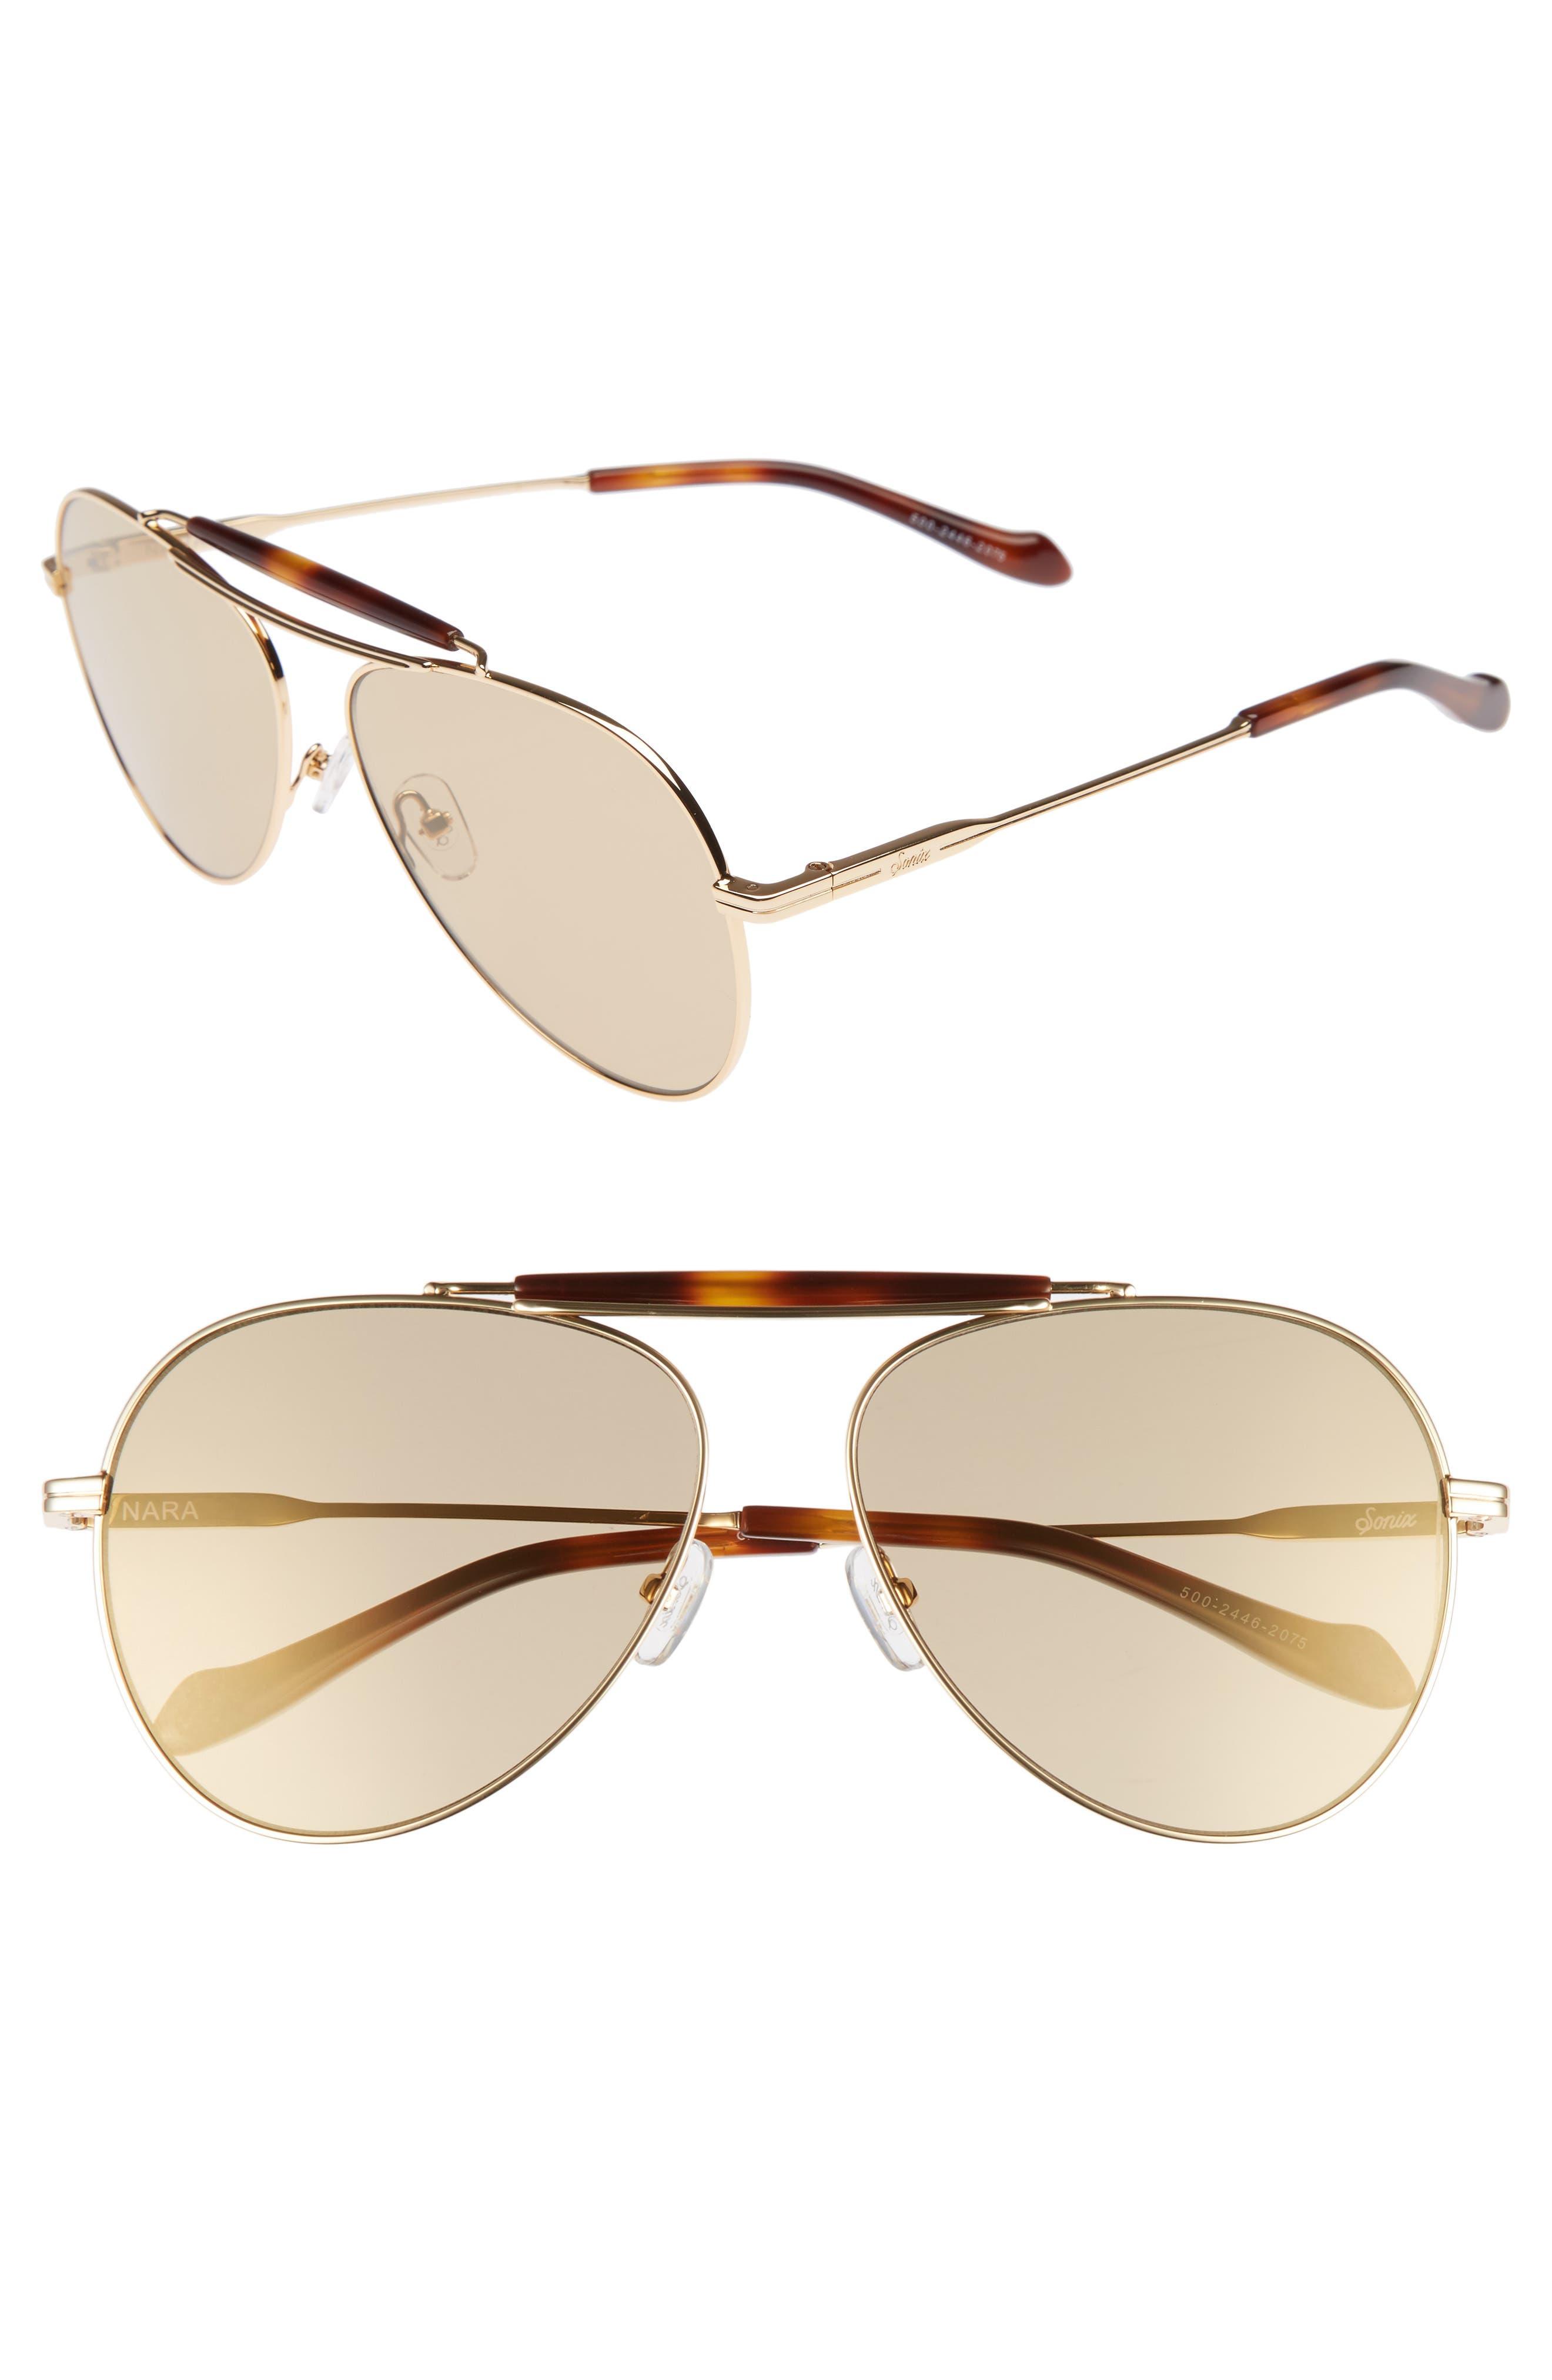 Main Image - Sonix Nara 60mm Aviator Sunglasses